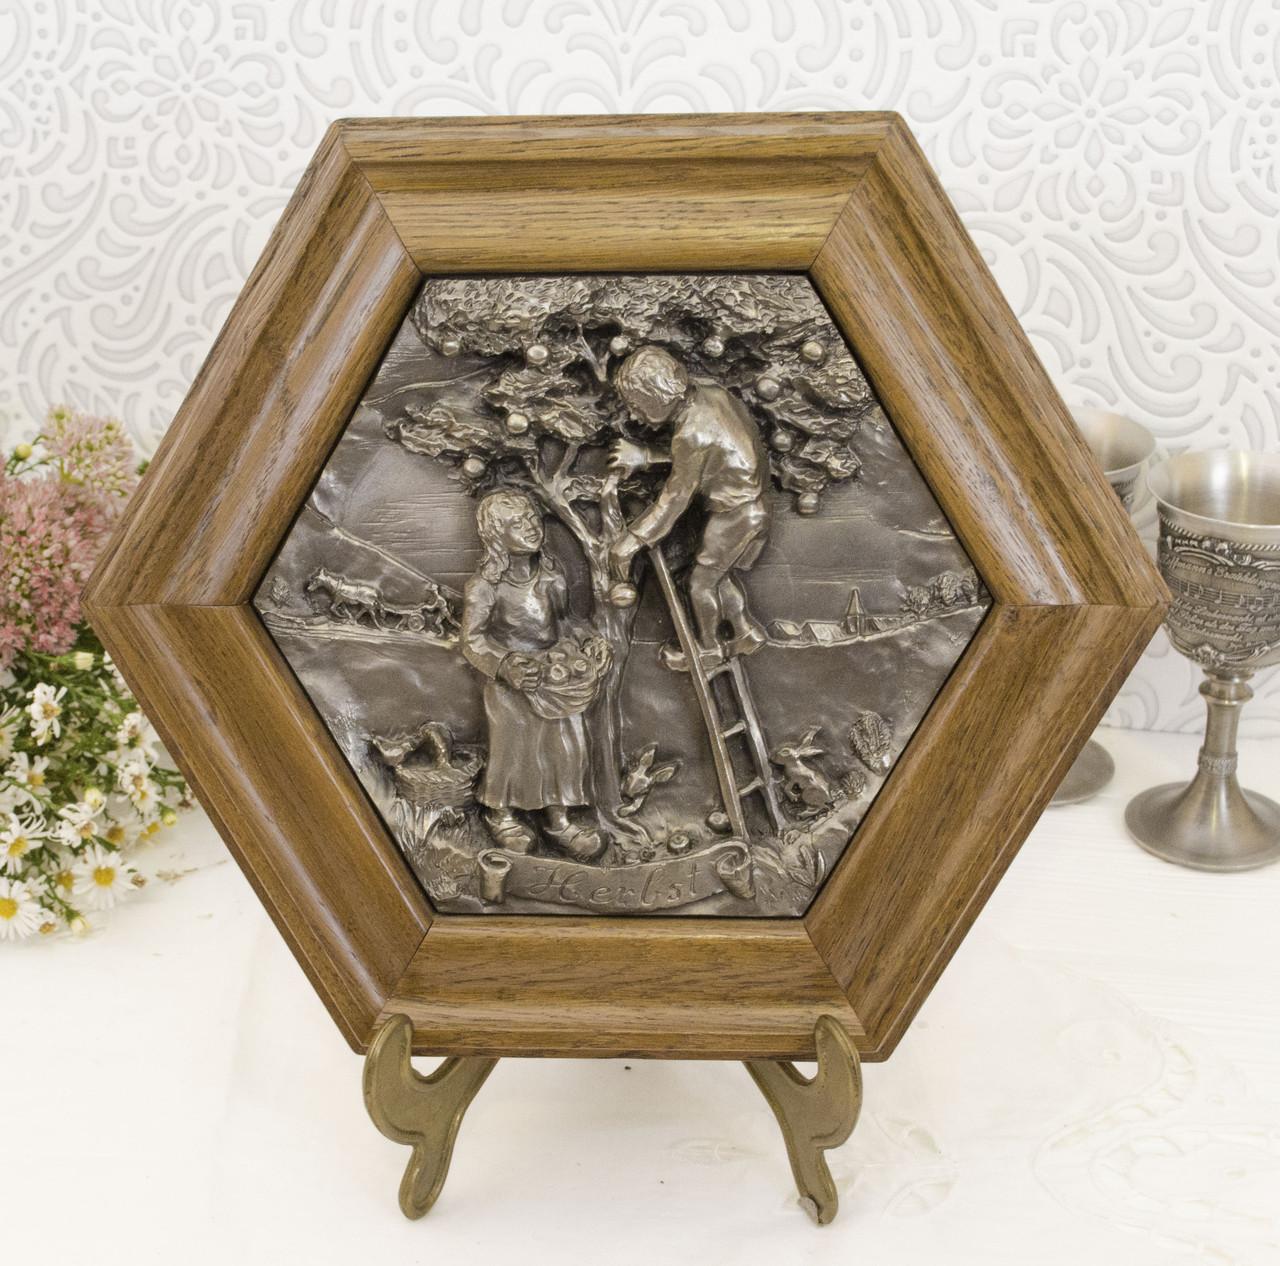 Картина оловянная в деревянной раме, олово, Германия, Осень, Четыре сезона